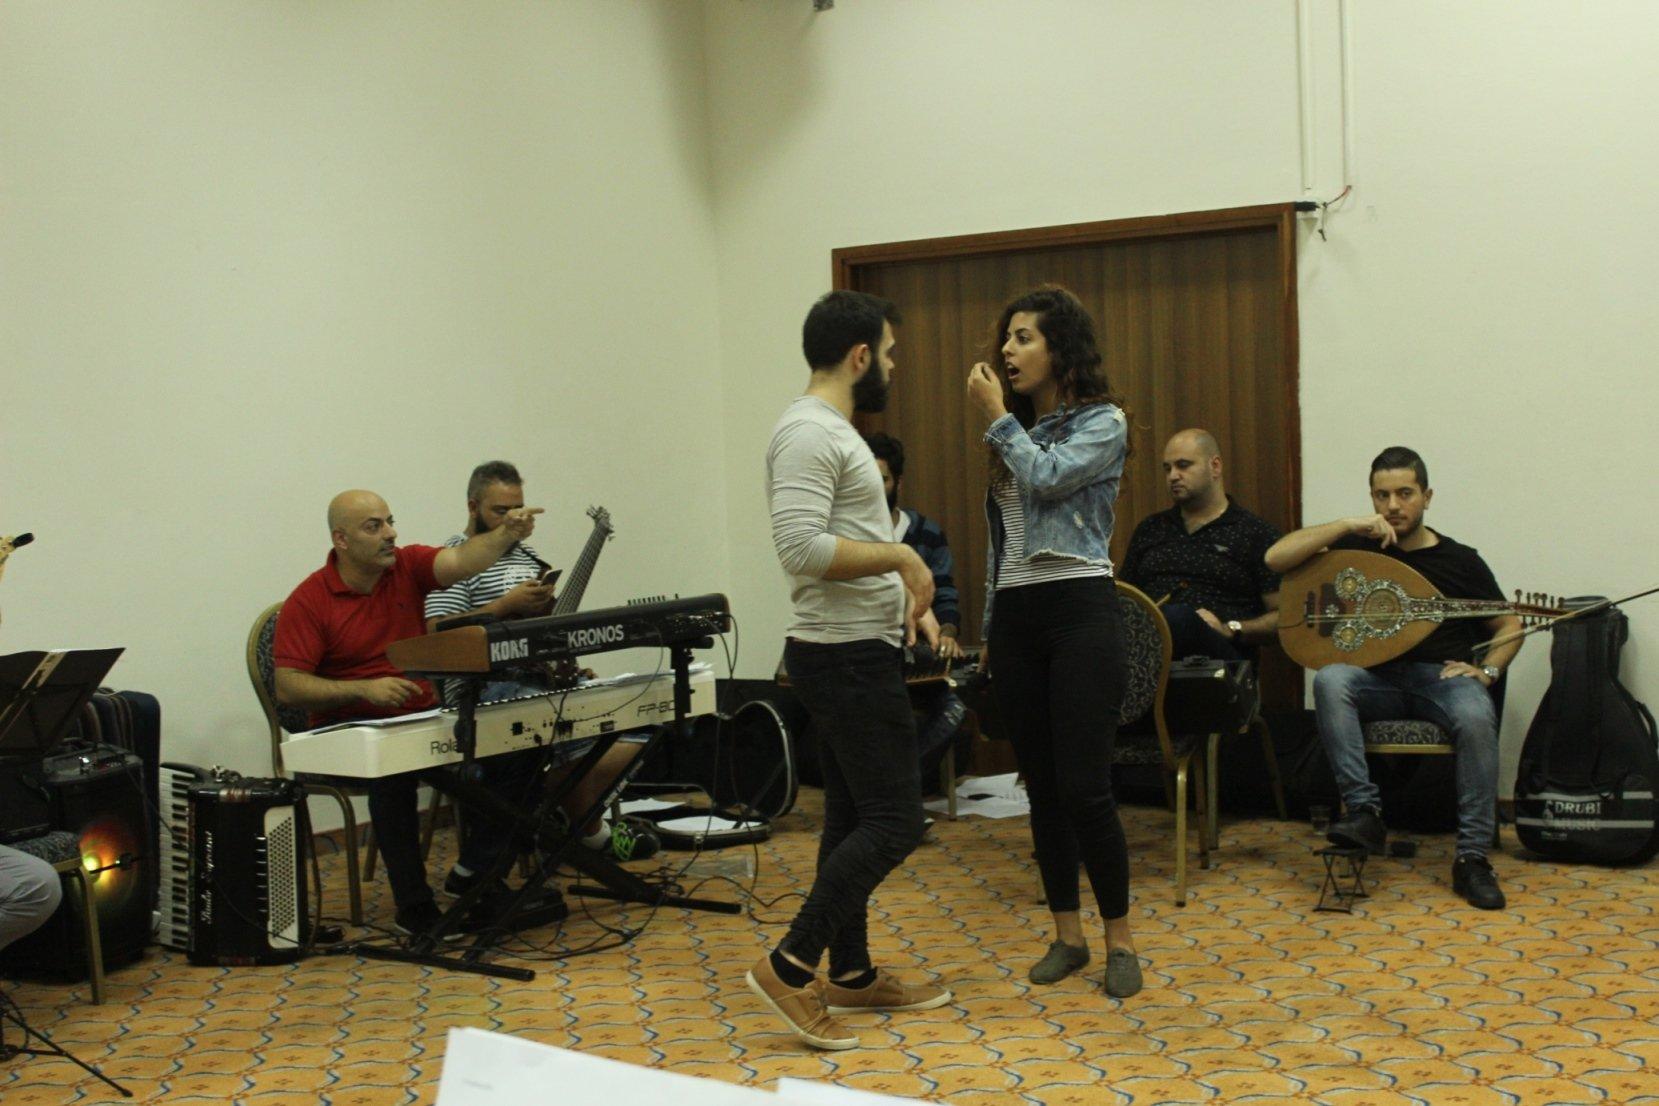 اليوم حفل الفرقة الماسية لتكريم الفنان الراحل ملحم بركات